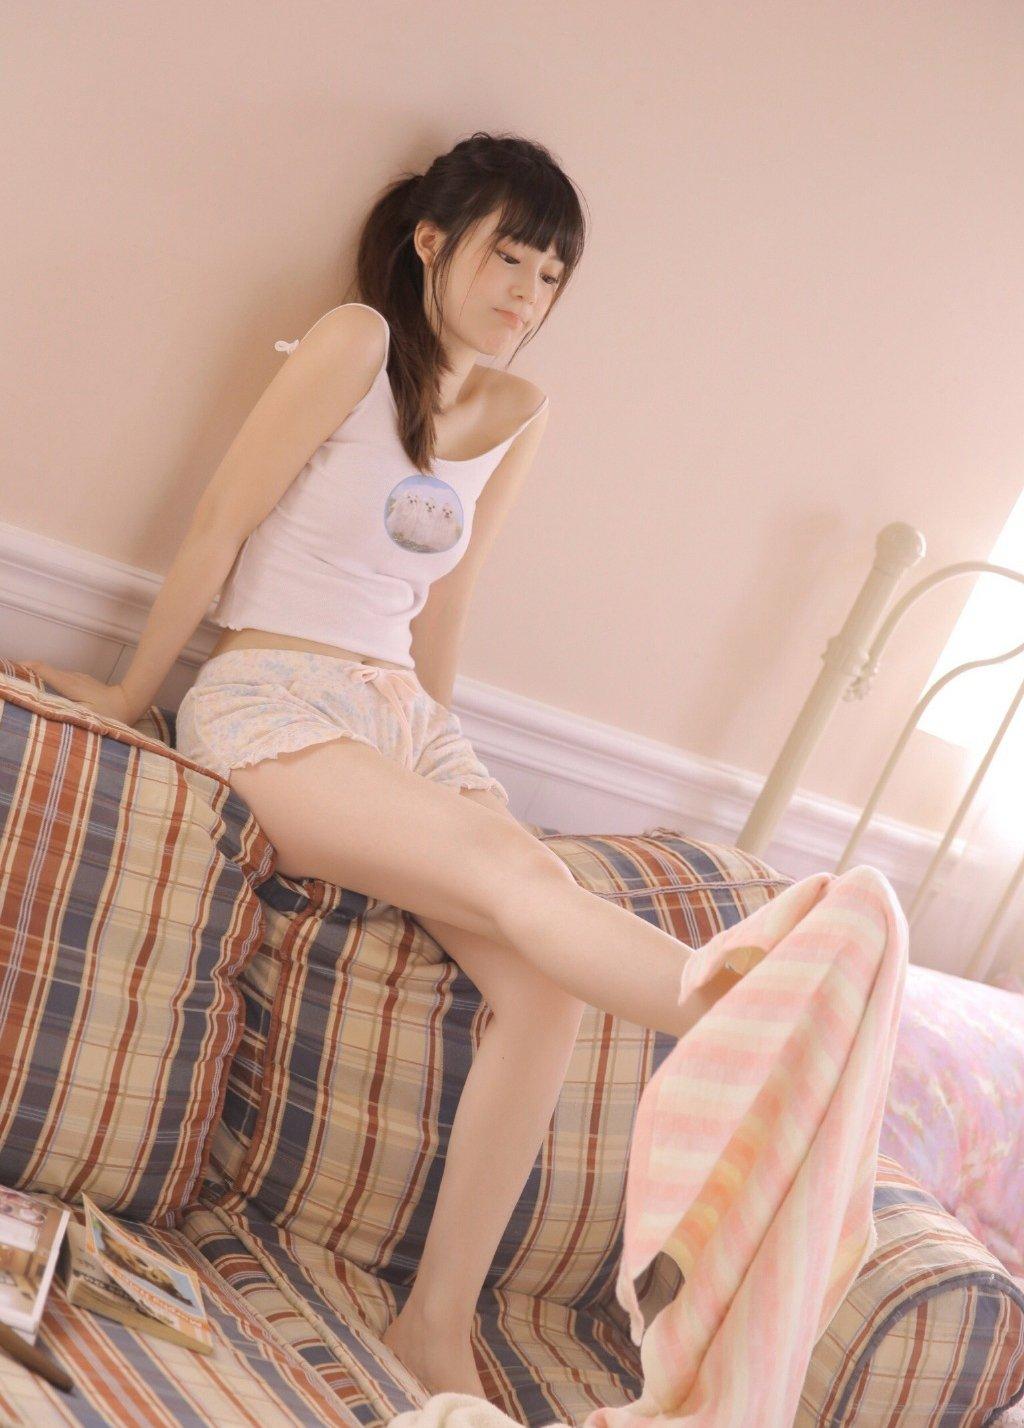 性感尤物美女翘臀美腿写真图片